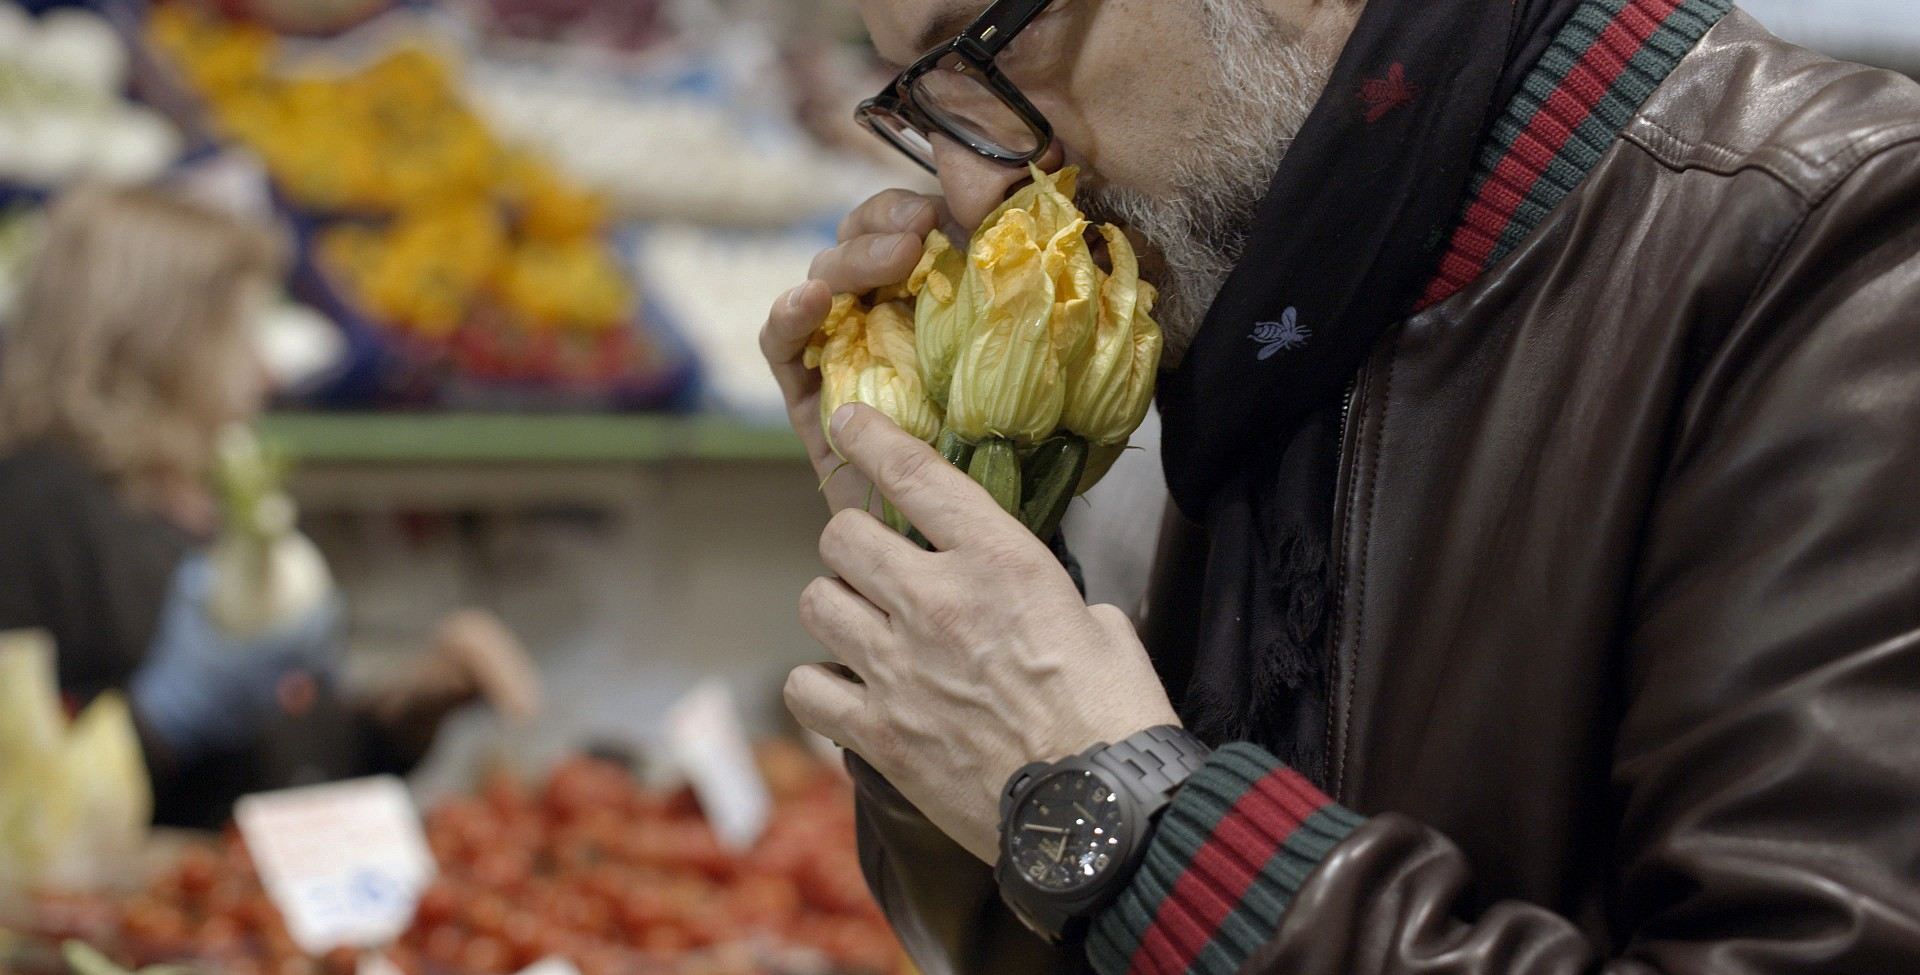 義大利米其林三星名廚 Massimo Bottura 於《沛納海精髓》短片系列第四章現身說法